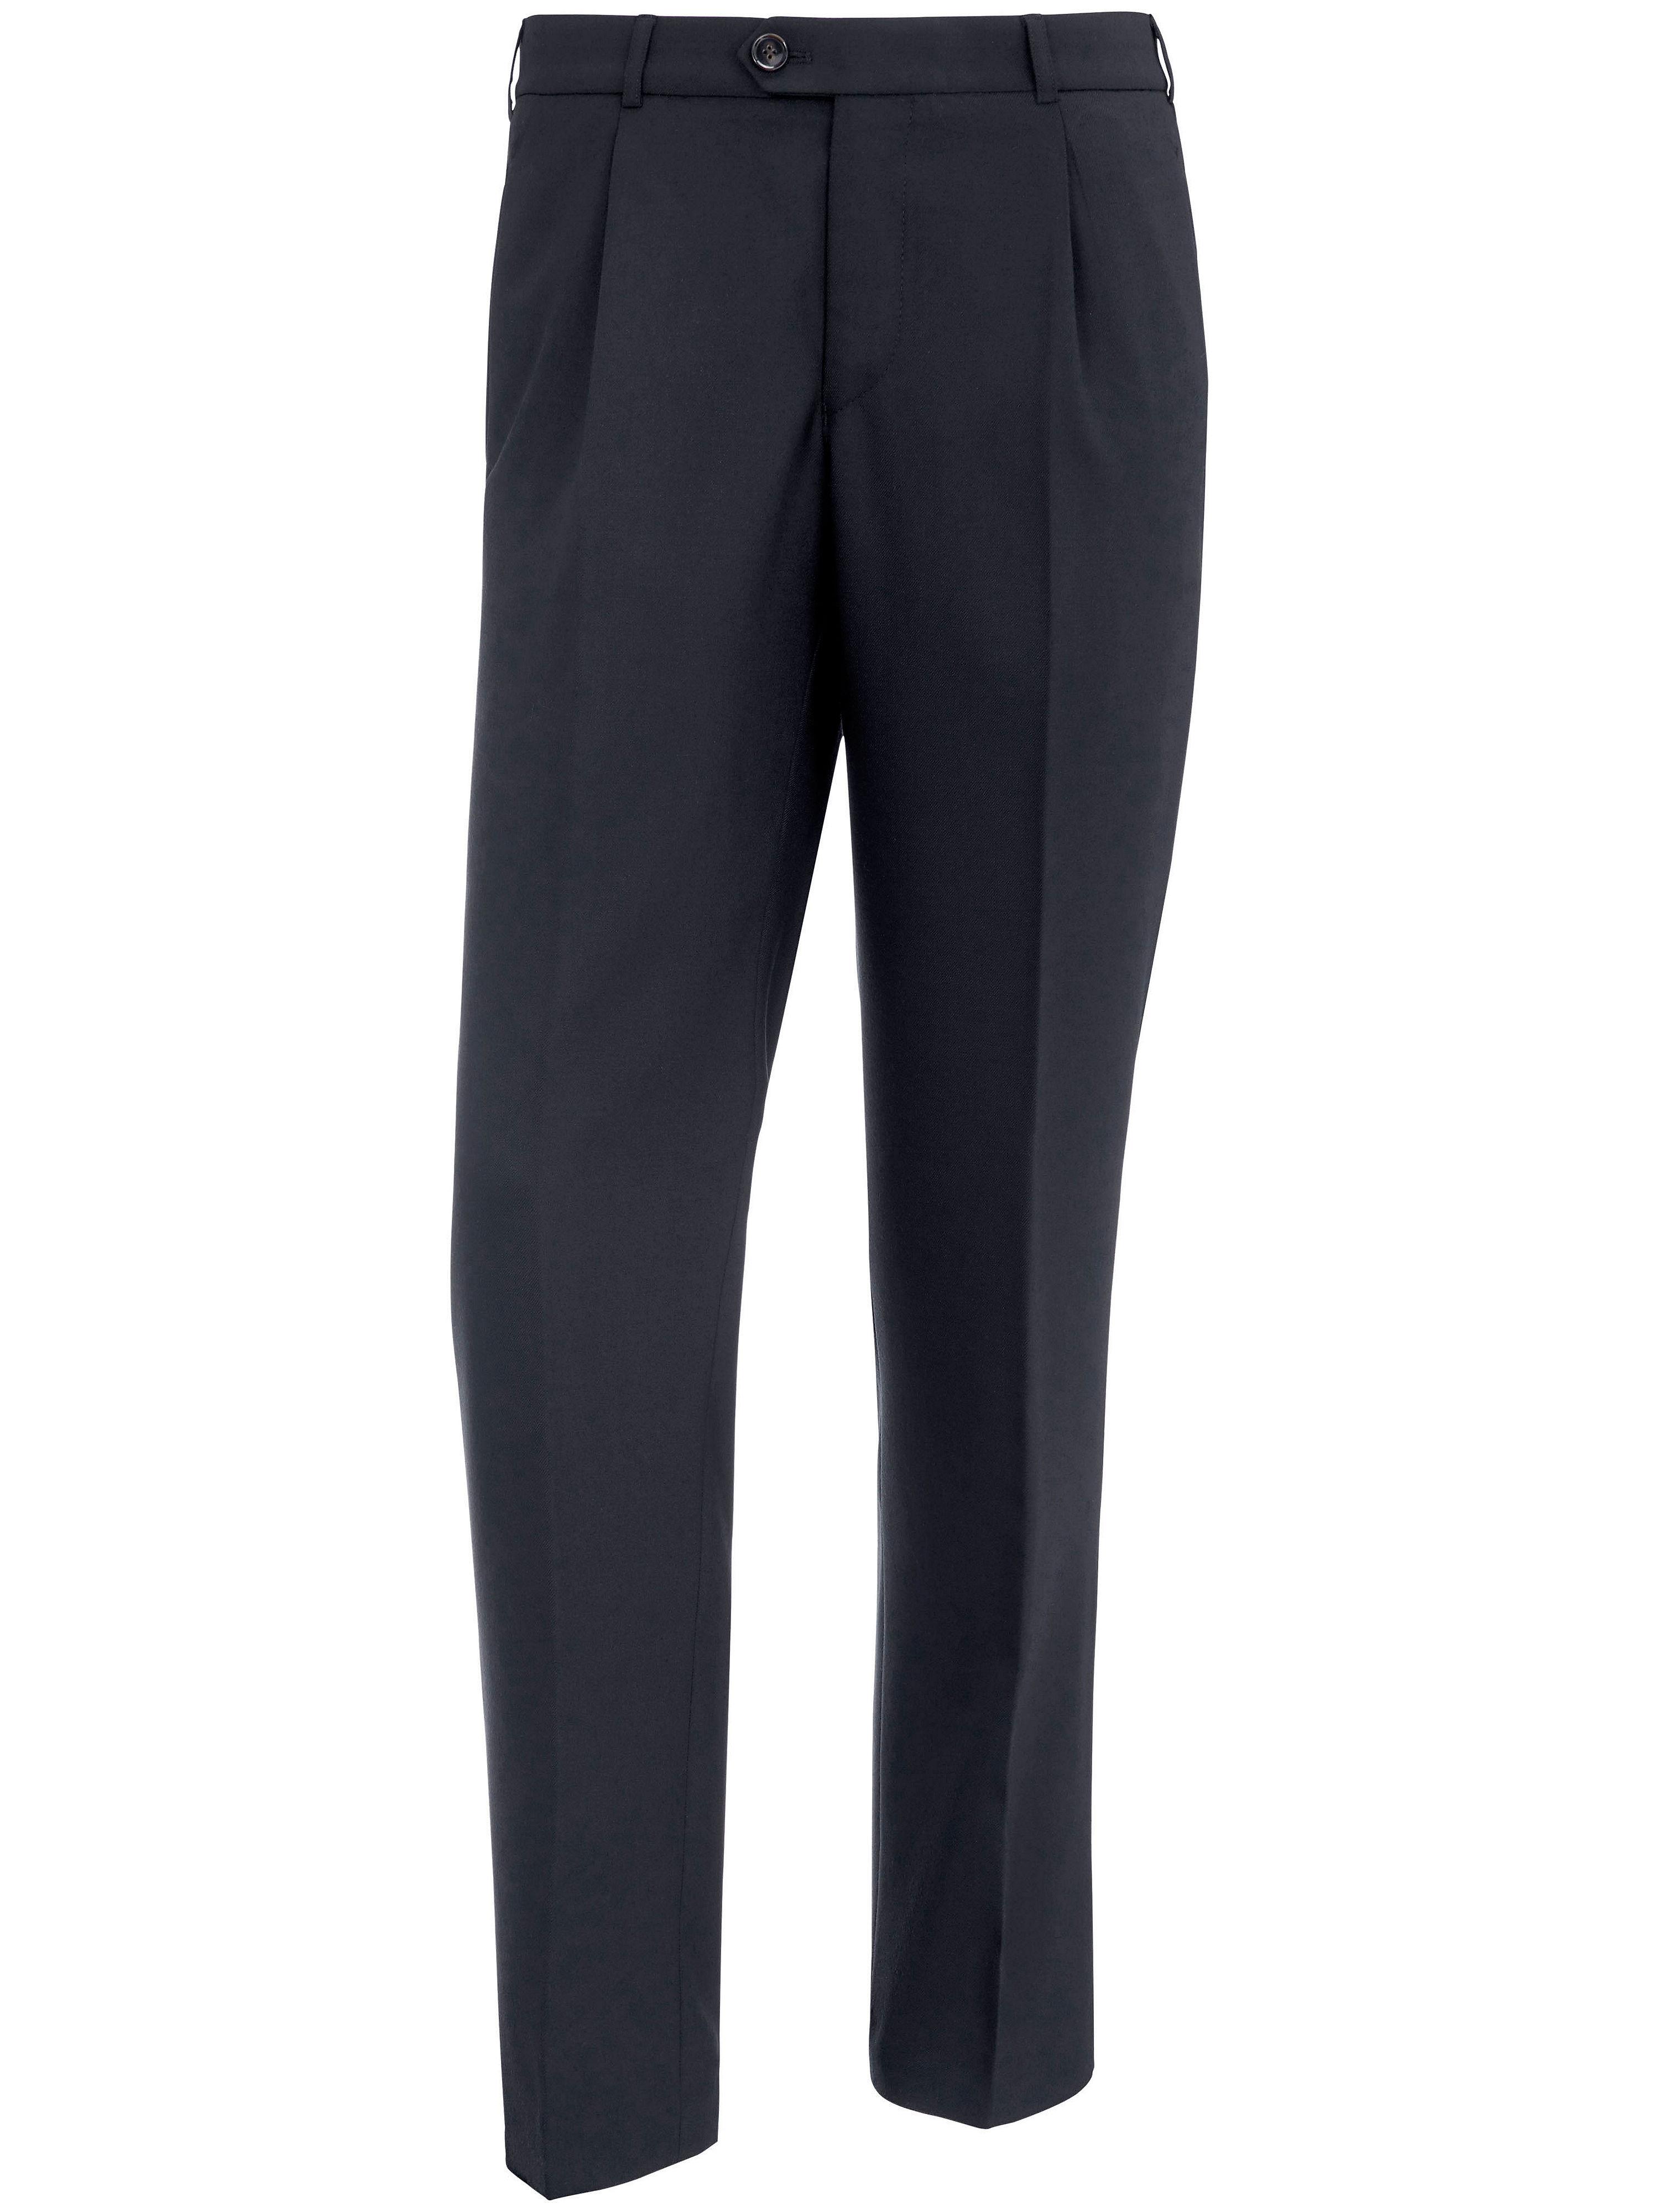 Le pantalon  Eurex by Brax bleu taille 27